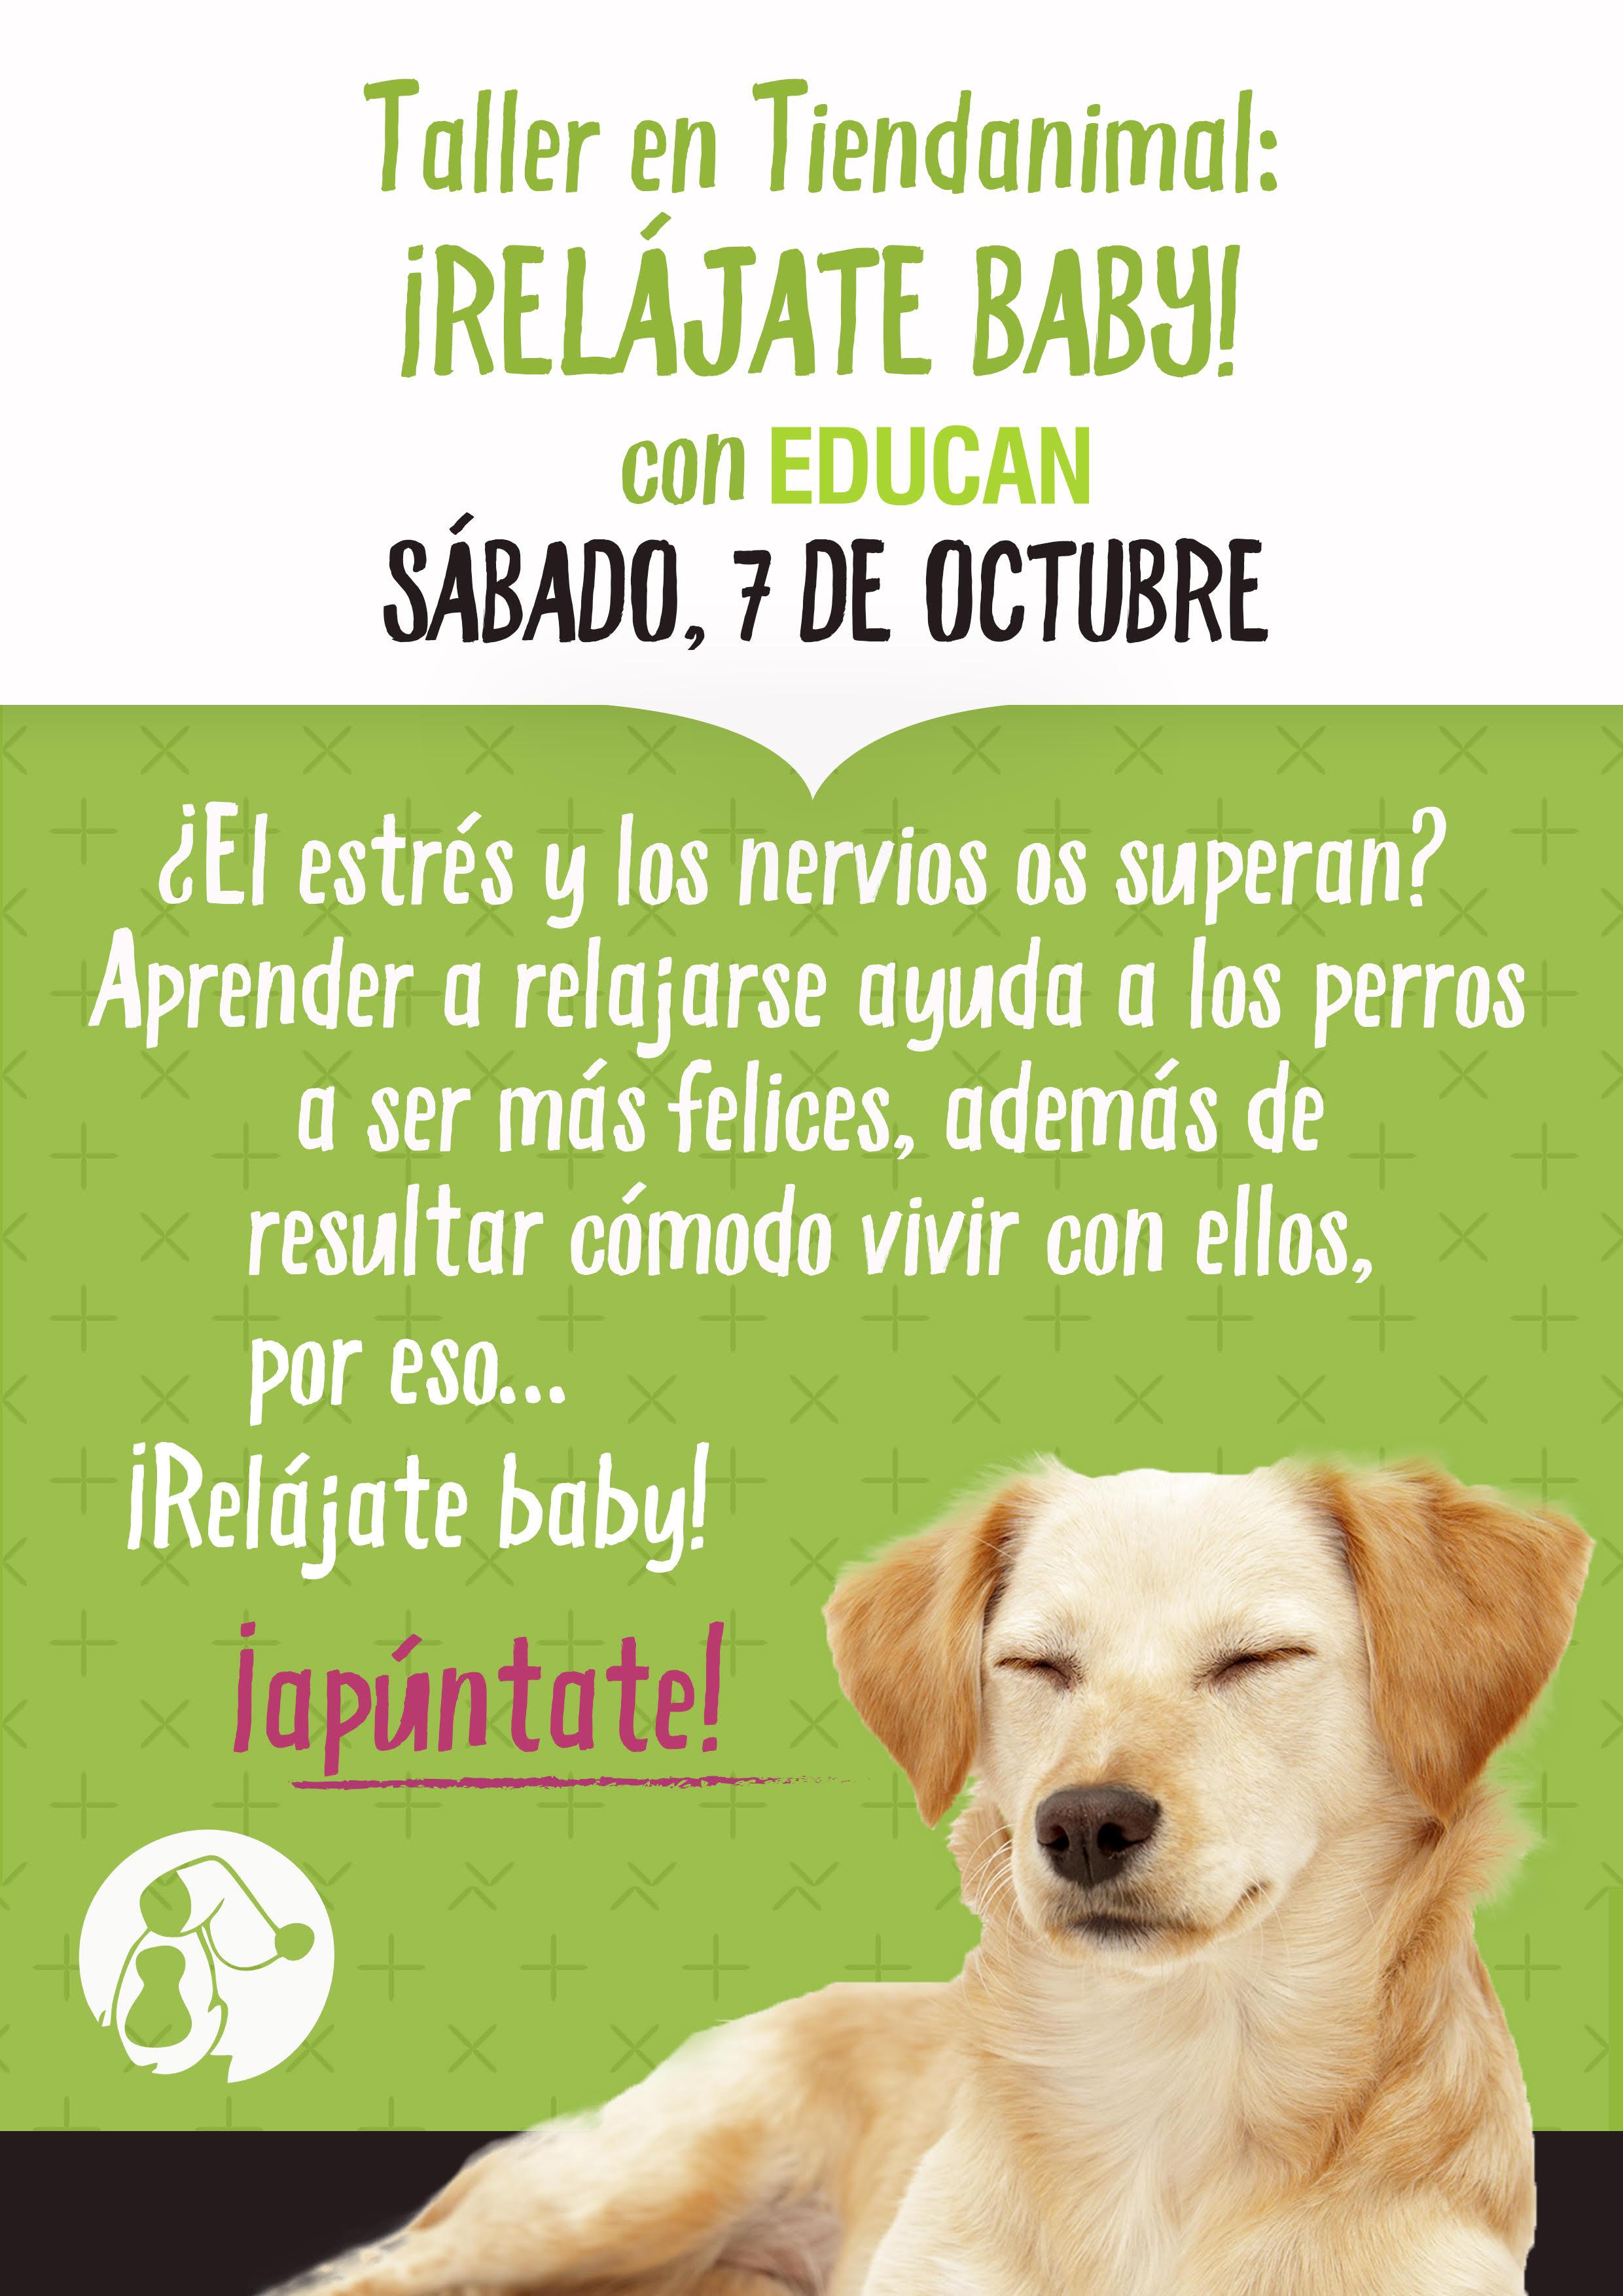 Elimina el estrés de tu perro y aprende a relajarte con él, GRATIS, en Tiendanimal